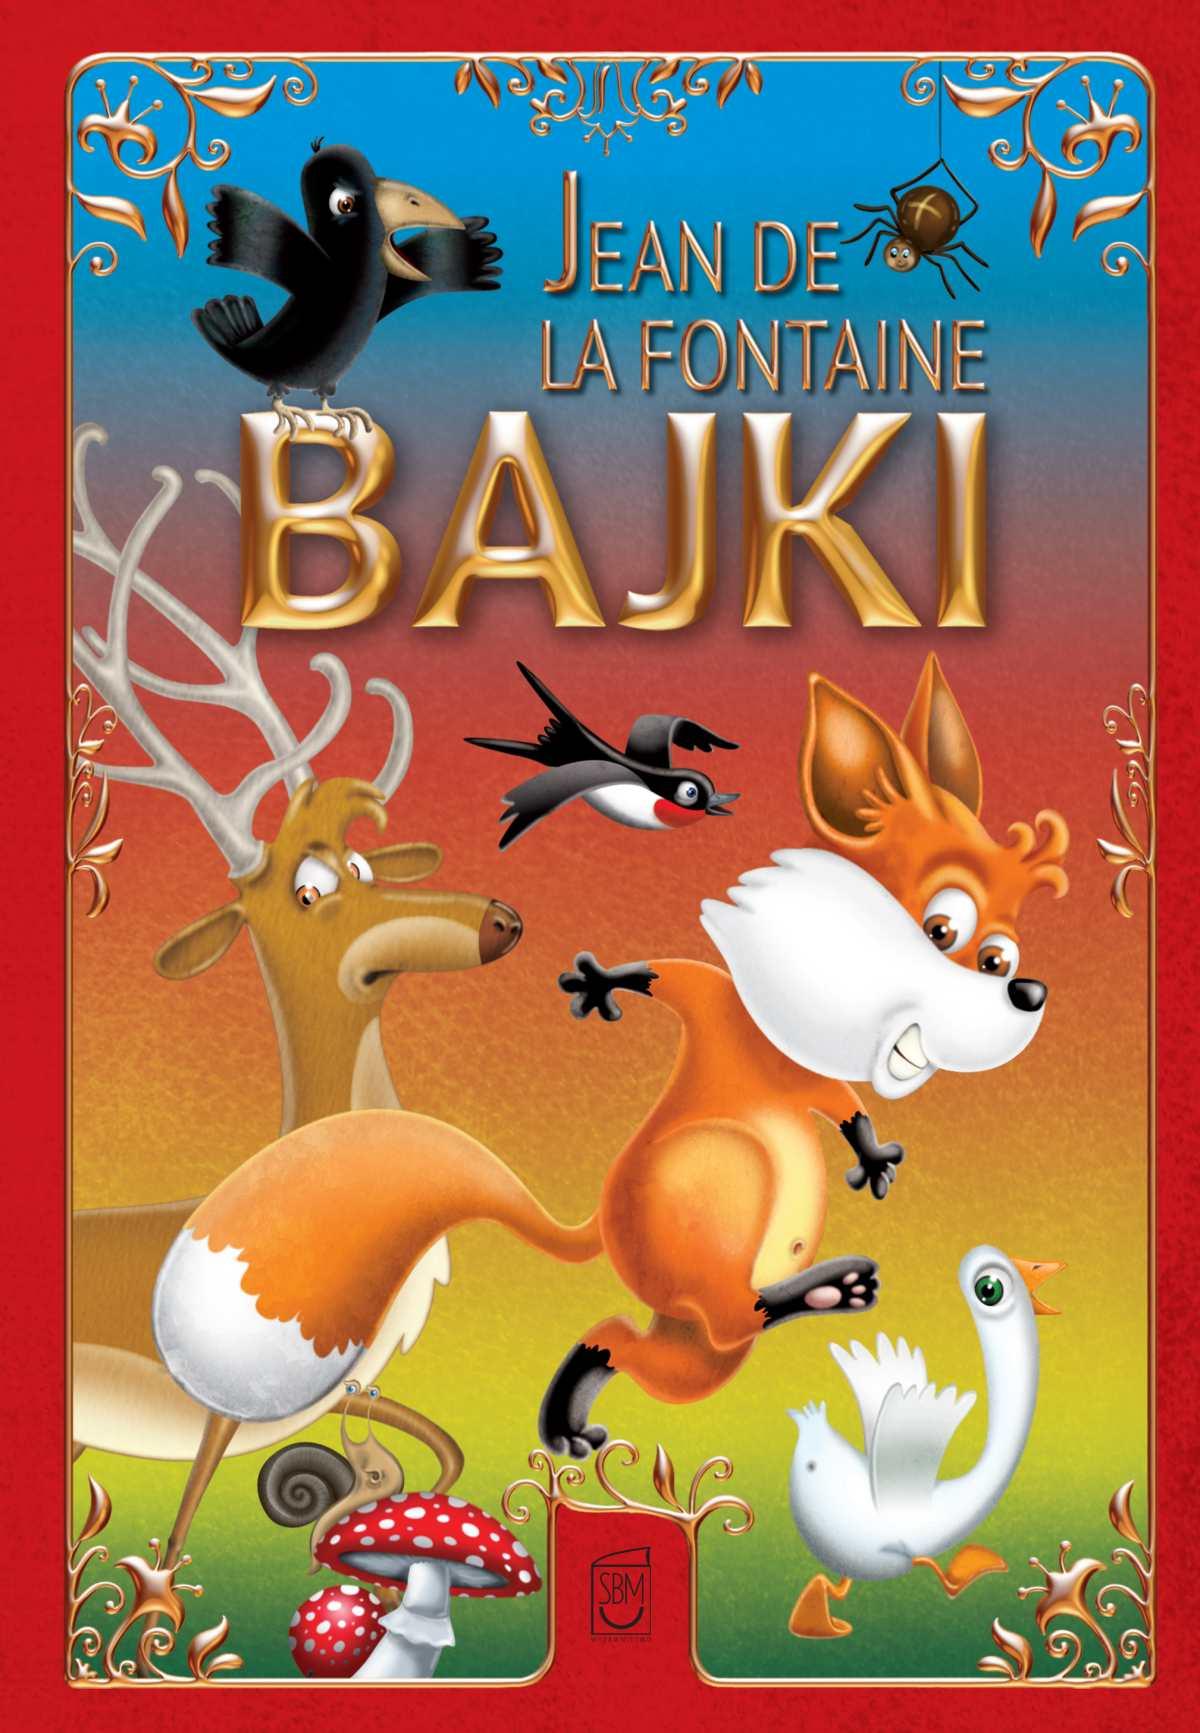 Bajki. Jean de La Fontaine - Ebook (Książka PDF) do pobrania w formacie PDF